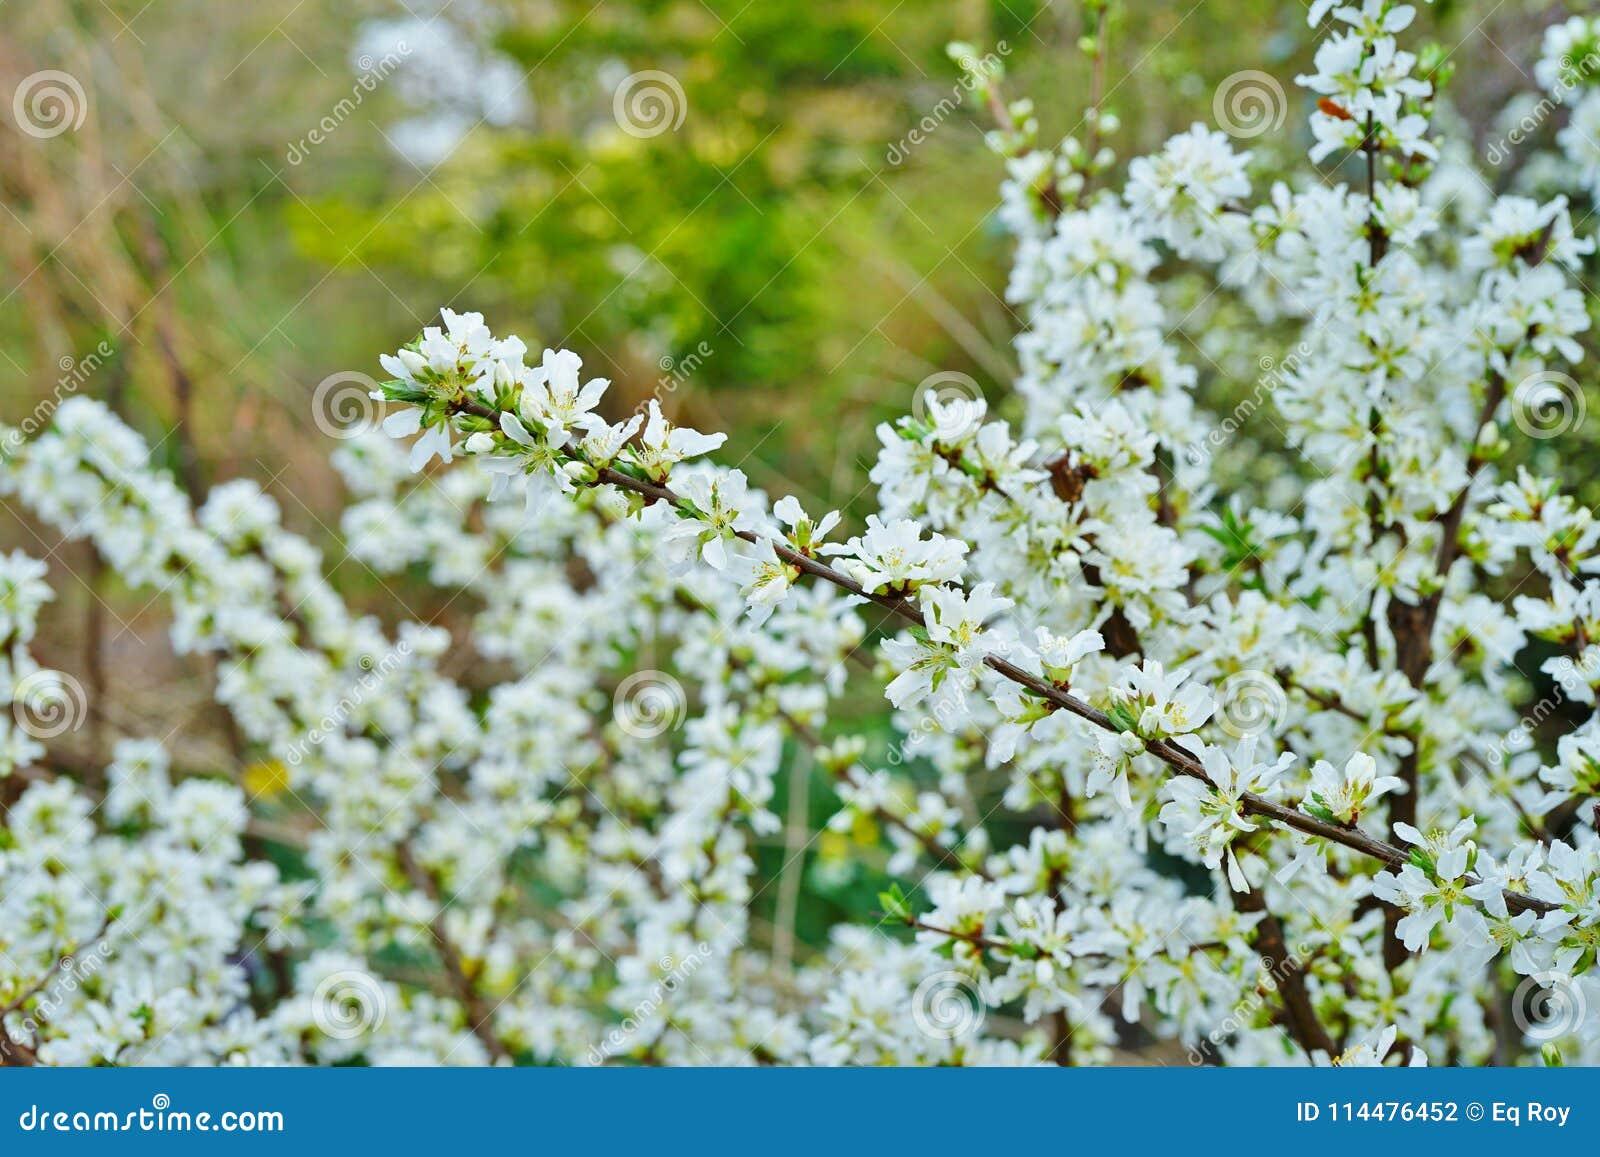 White flowers of bush cherry prunus japonica stock photo image of white flowers of bush cherry prunus japonica mightylinksfo